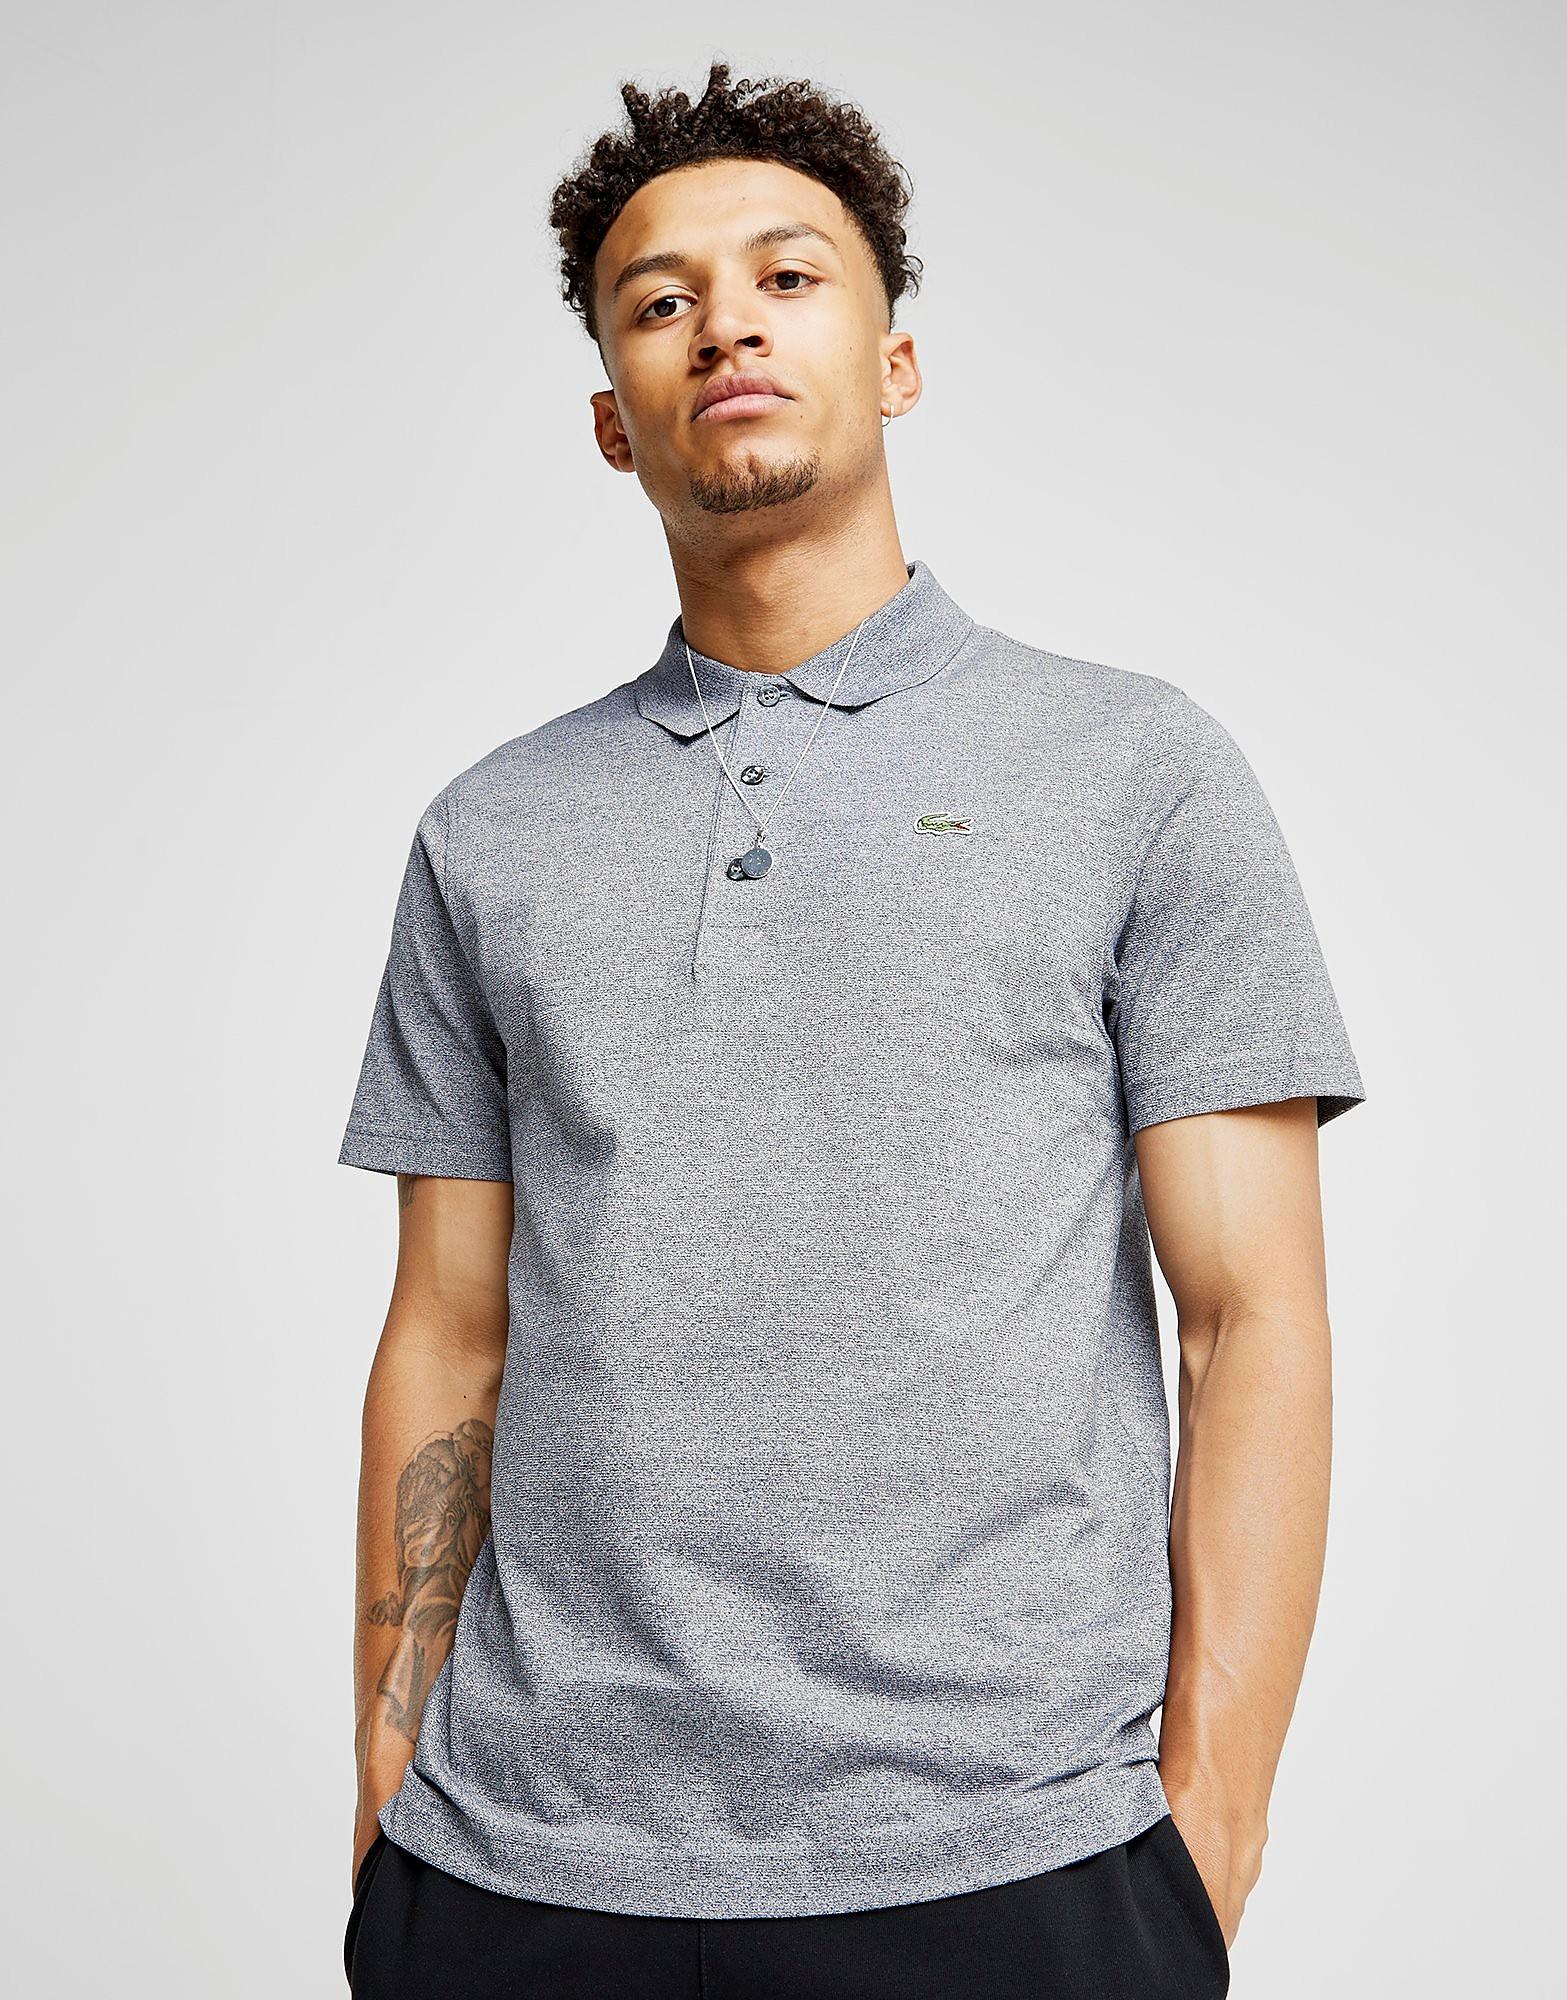 Lacoste Alligator Short Sleeve Polo Shirt Heren